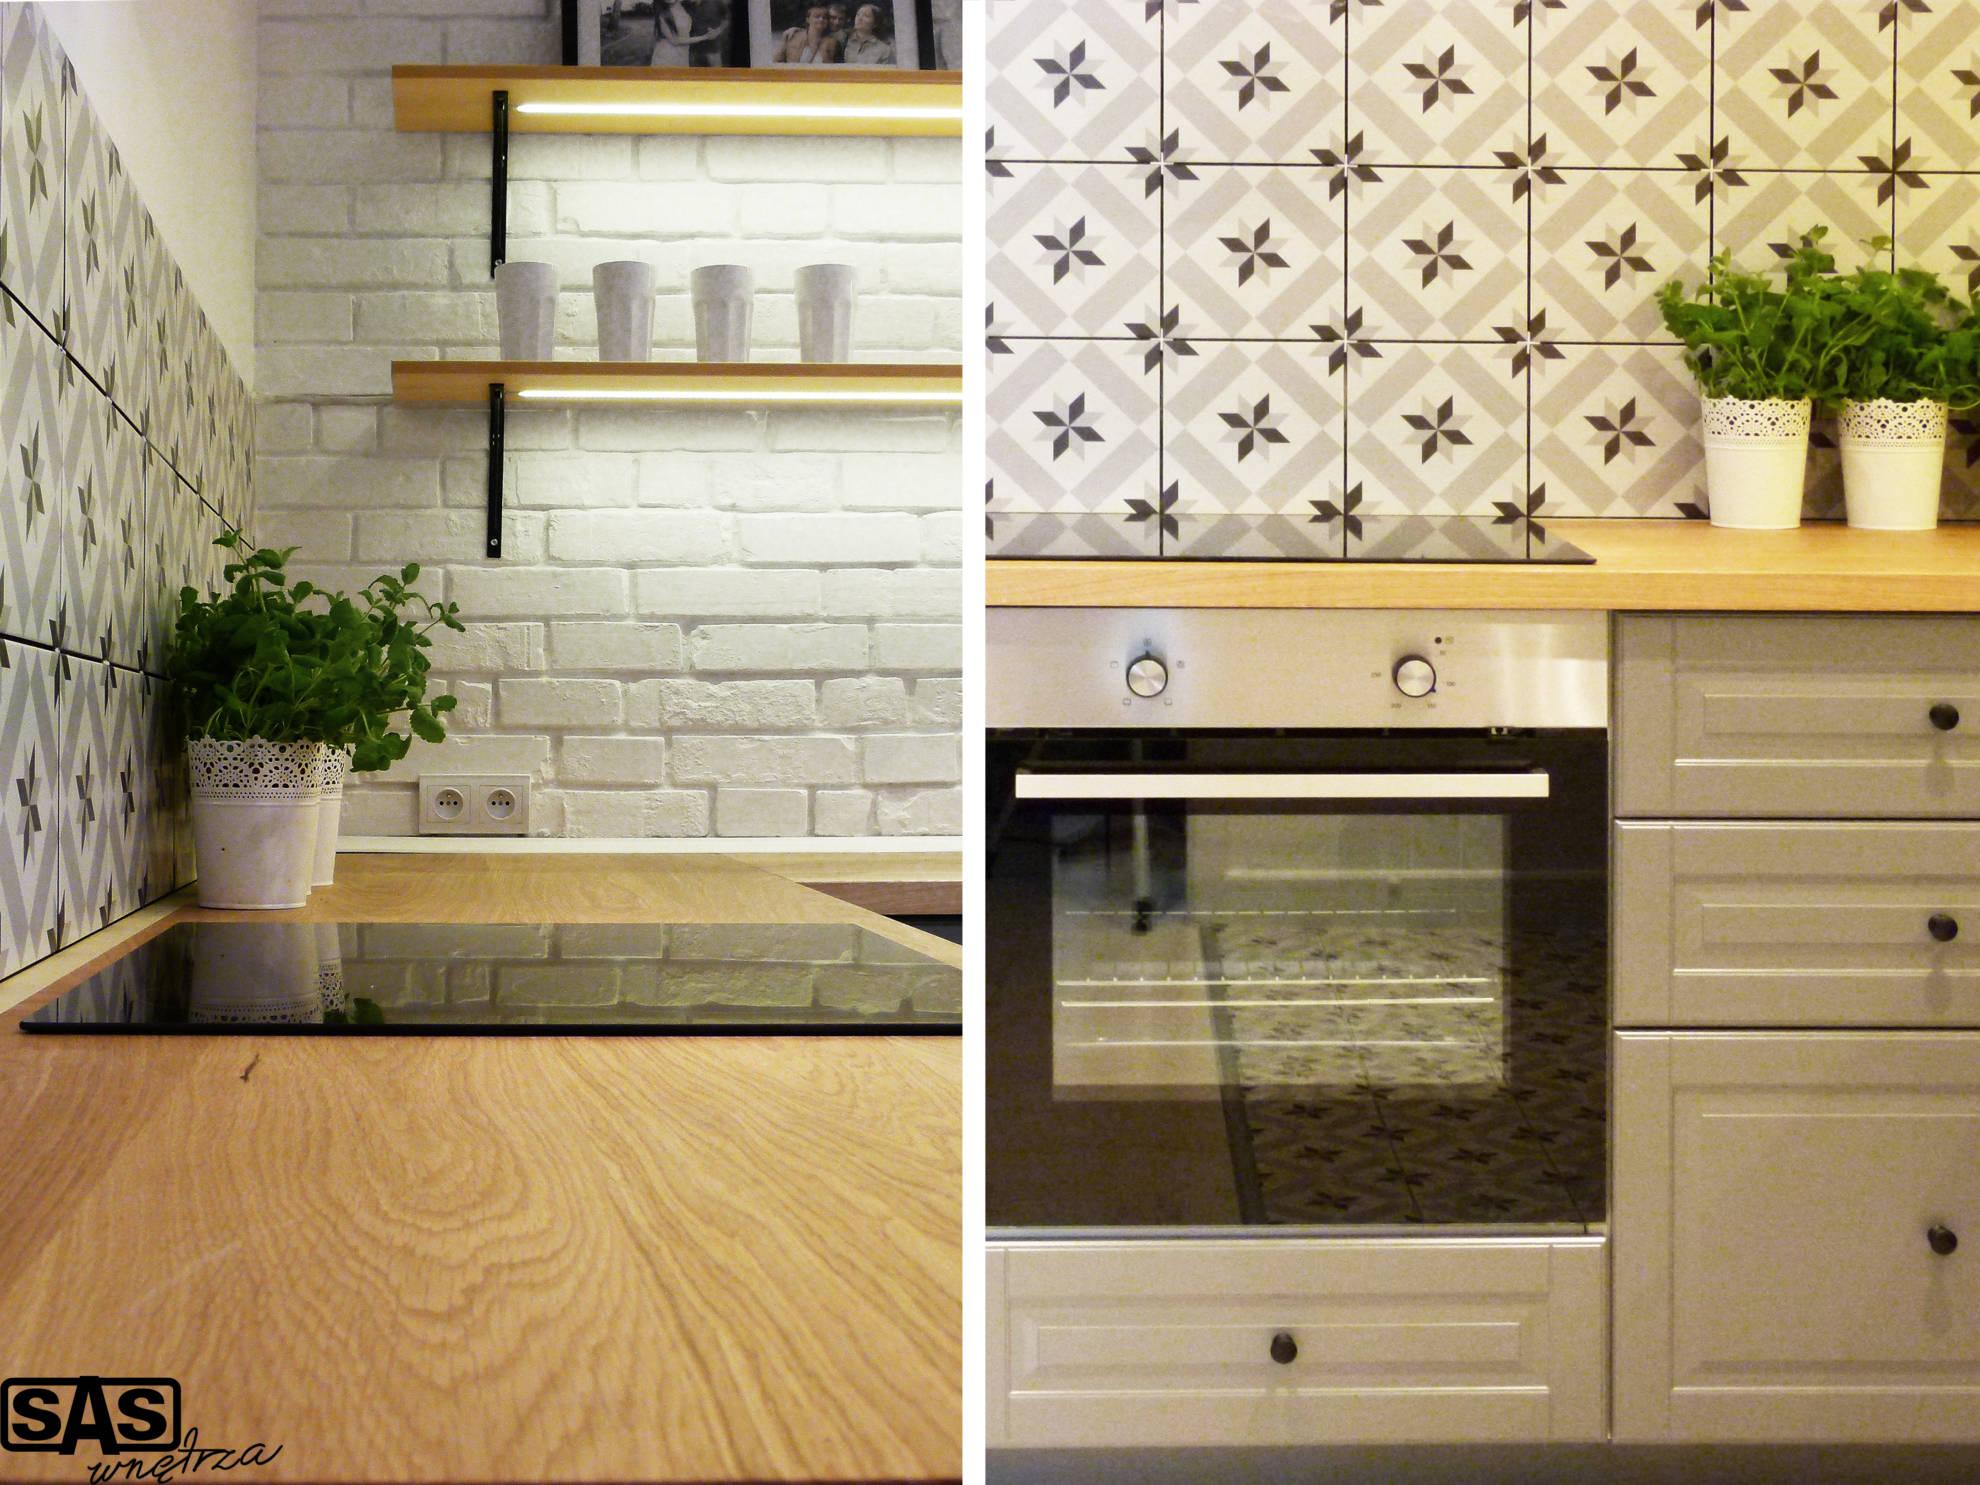 Aranżacja kuchni w mieszkaniu na wynajem - meble kuchenne wykonanie SAS Wnętrza i Kuchnie, projekt architekt wnętrz Emilia Strzempek Plasun.